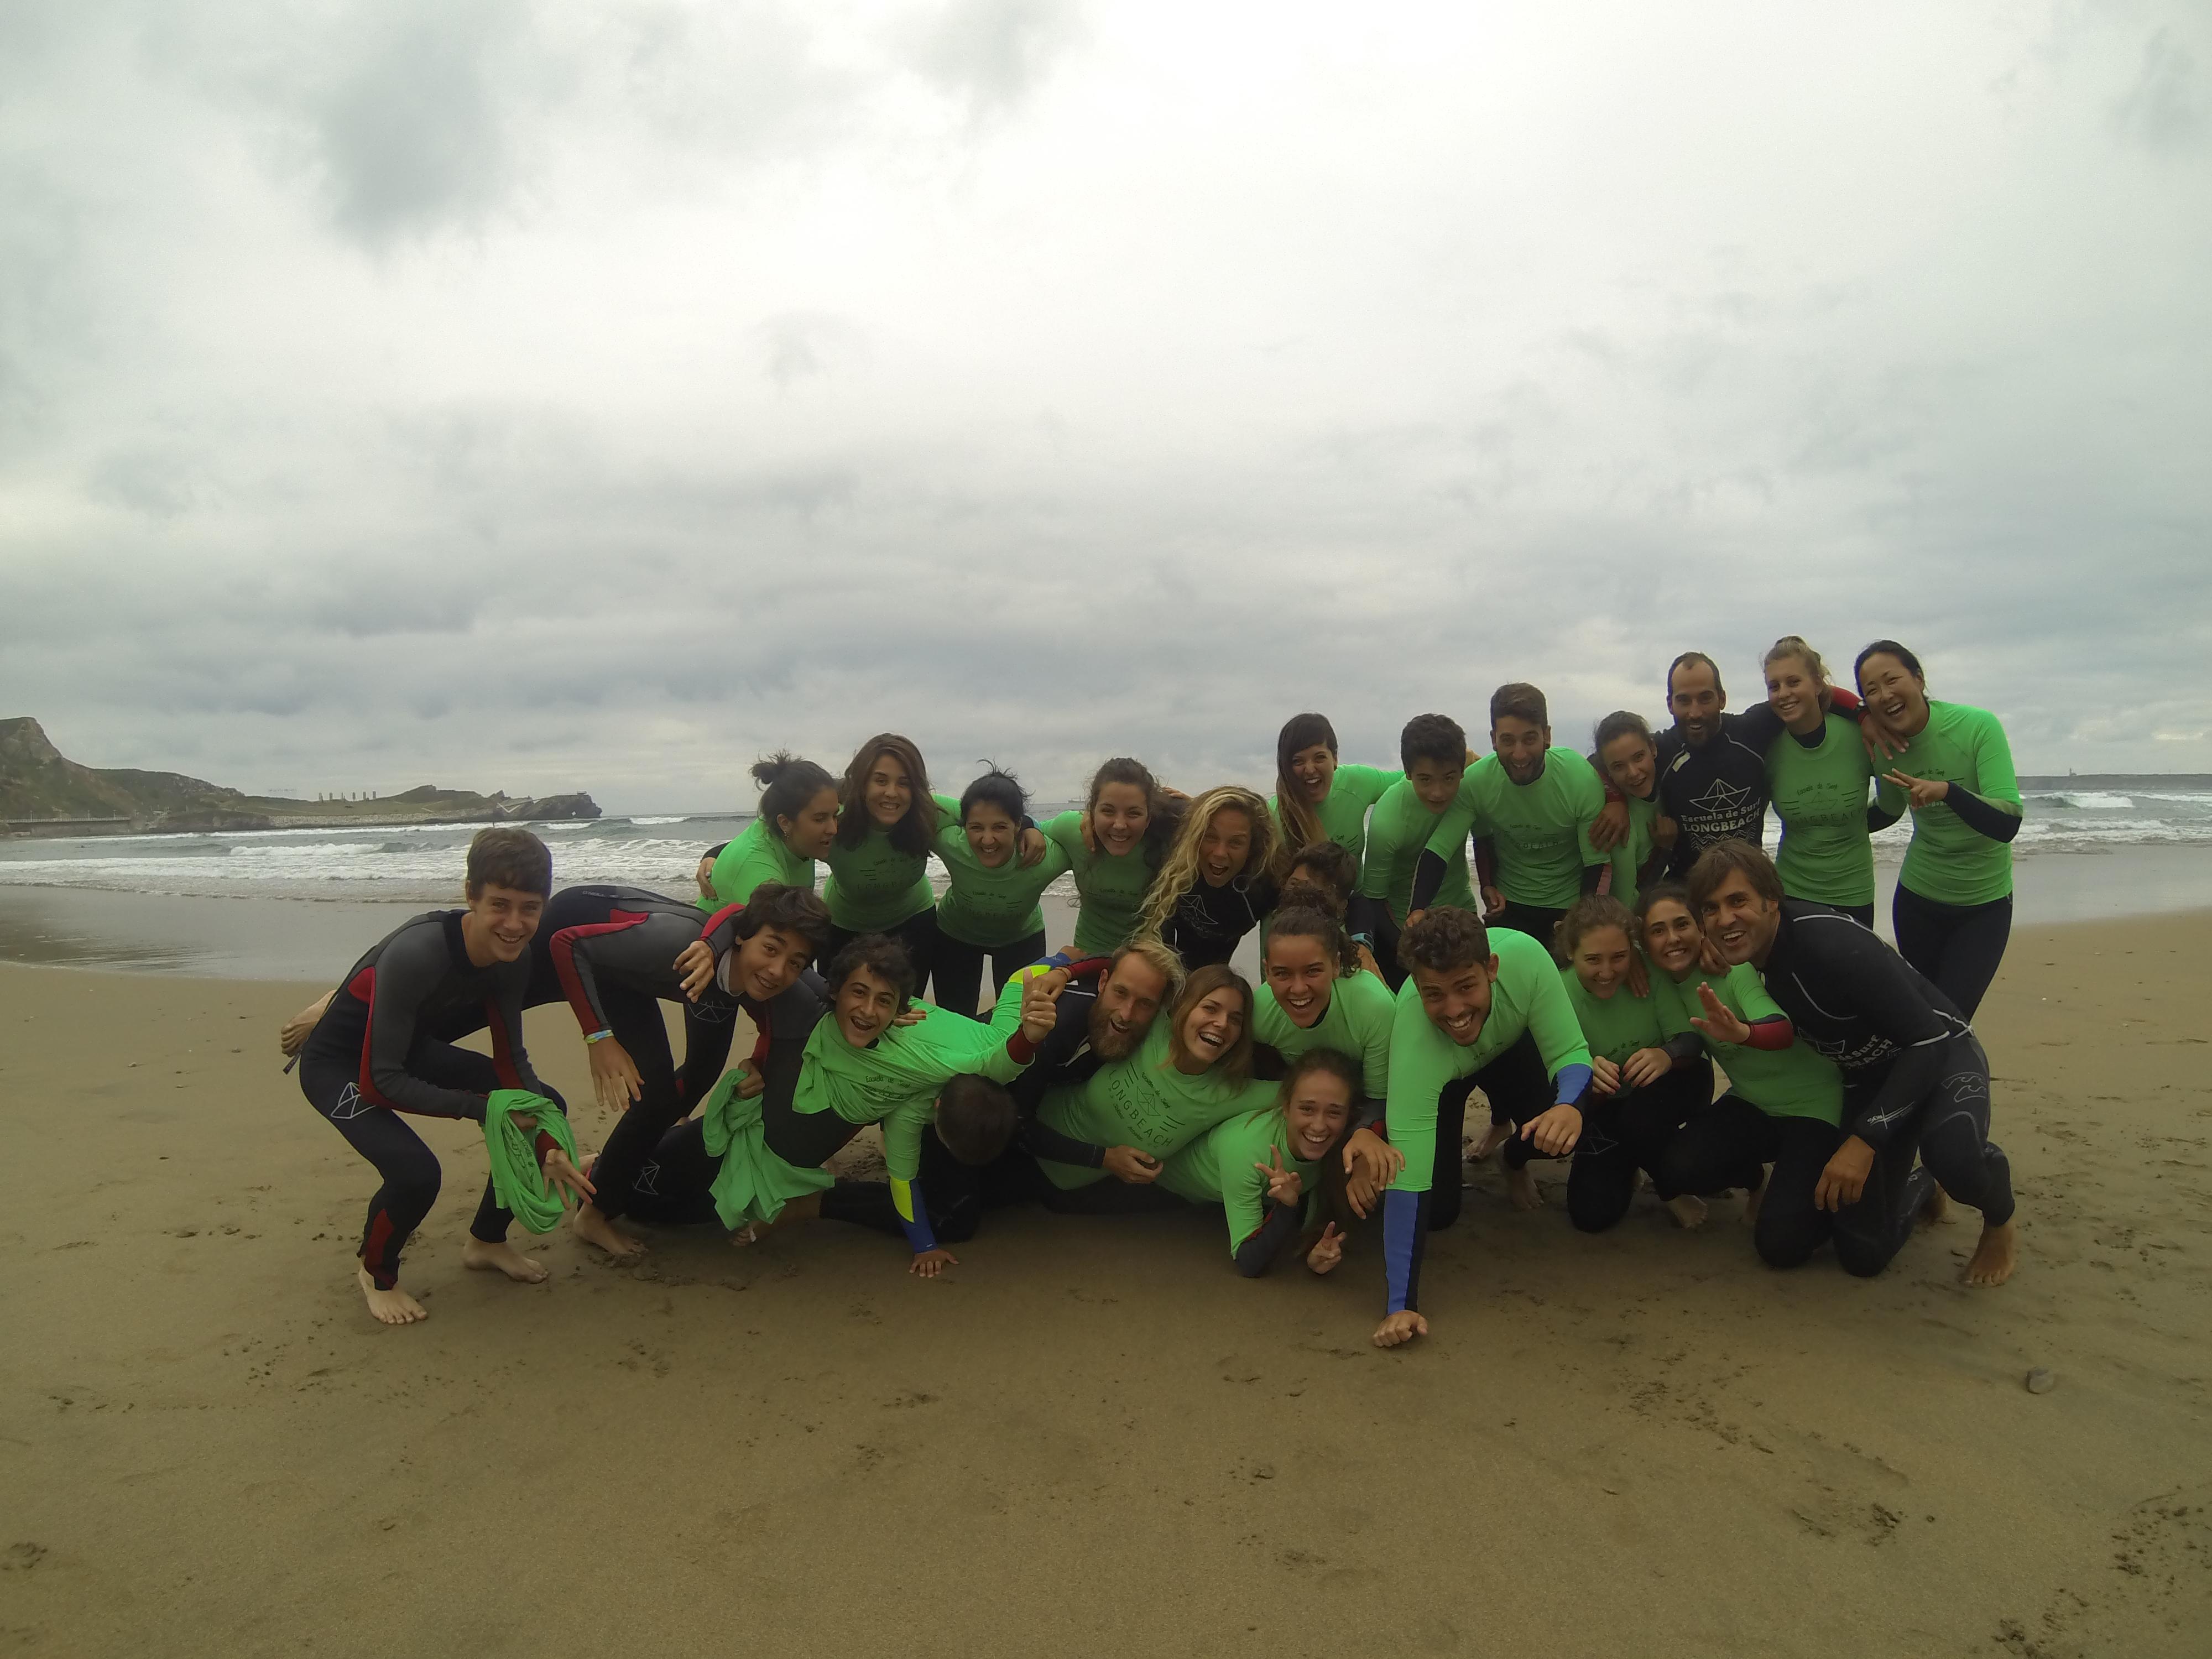 Escuela de surf camp longbeach 27.JPG